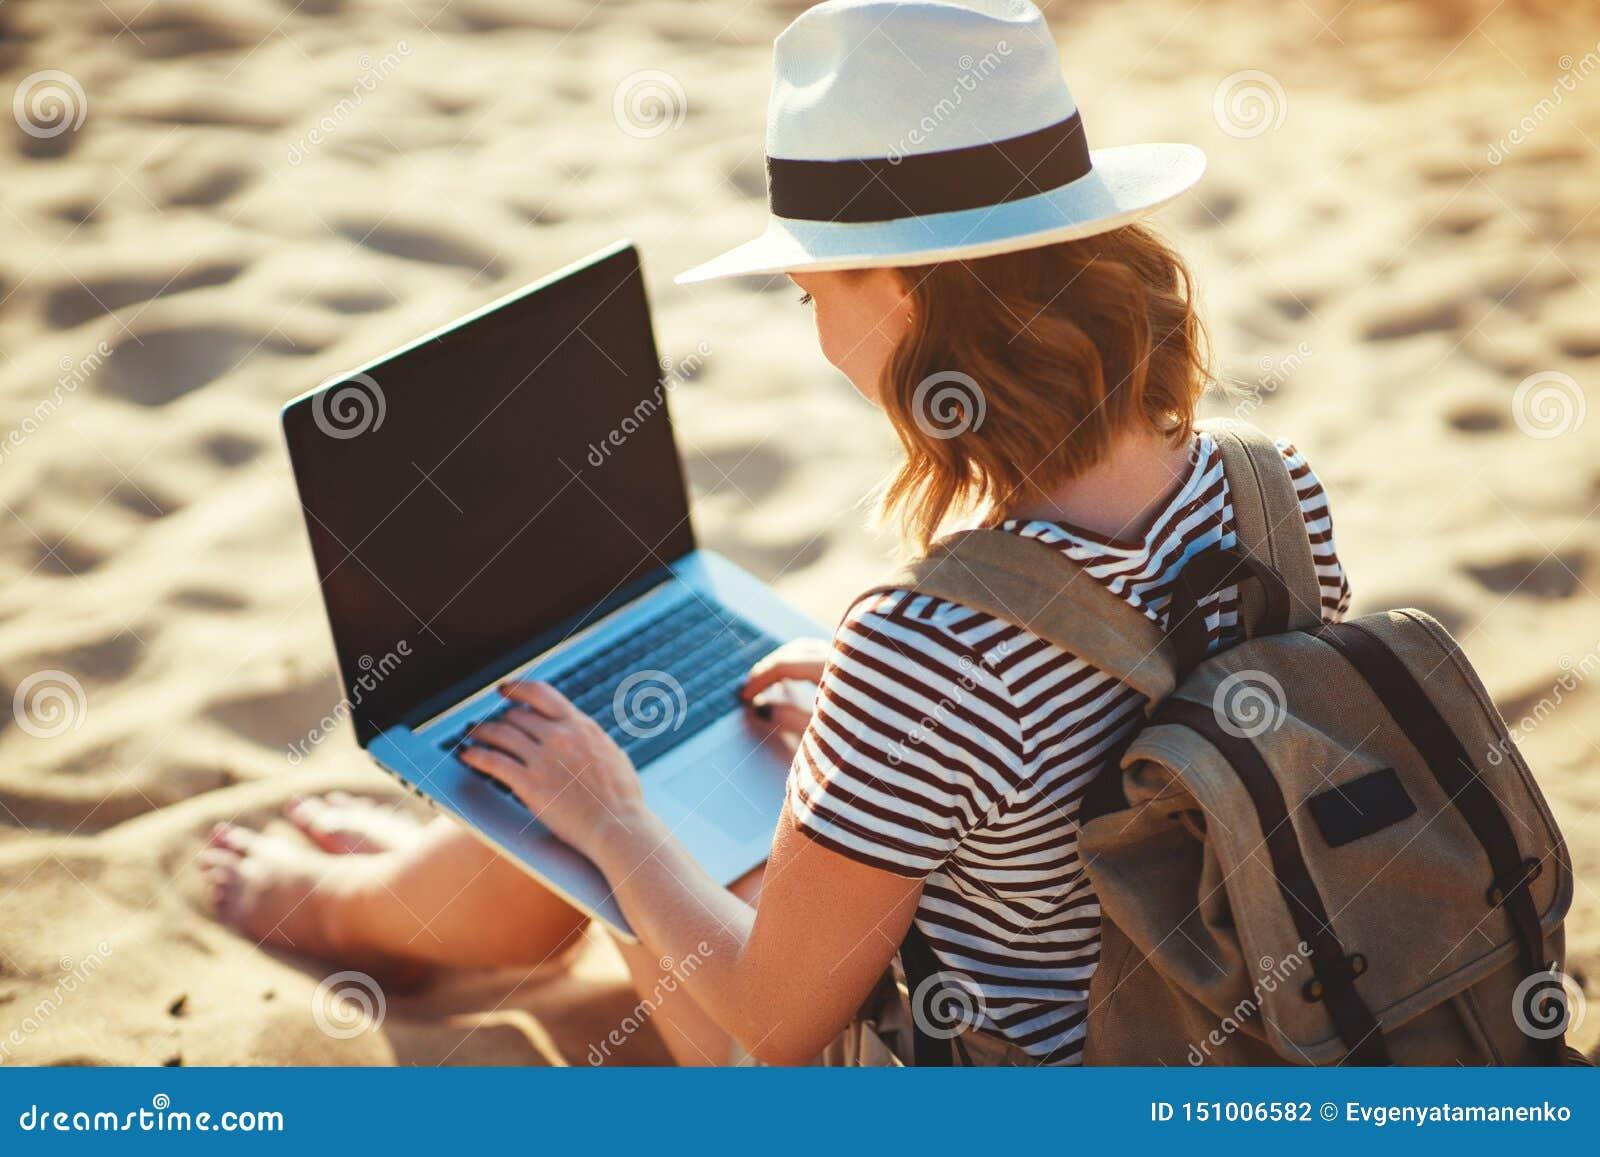 Junge Frau, die mit Laptop auf Natur im Strand arbeitet